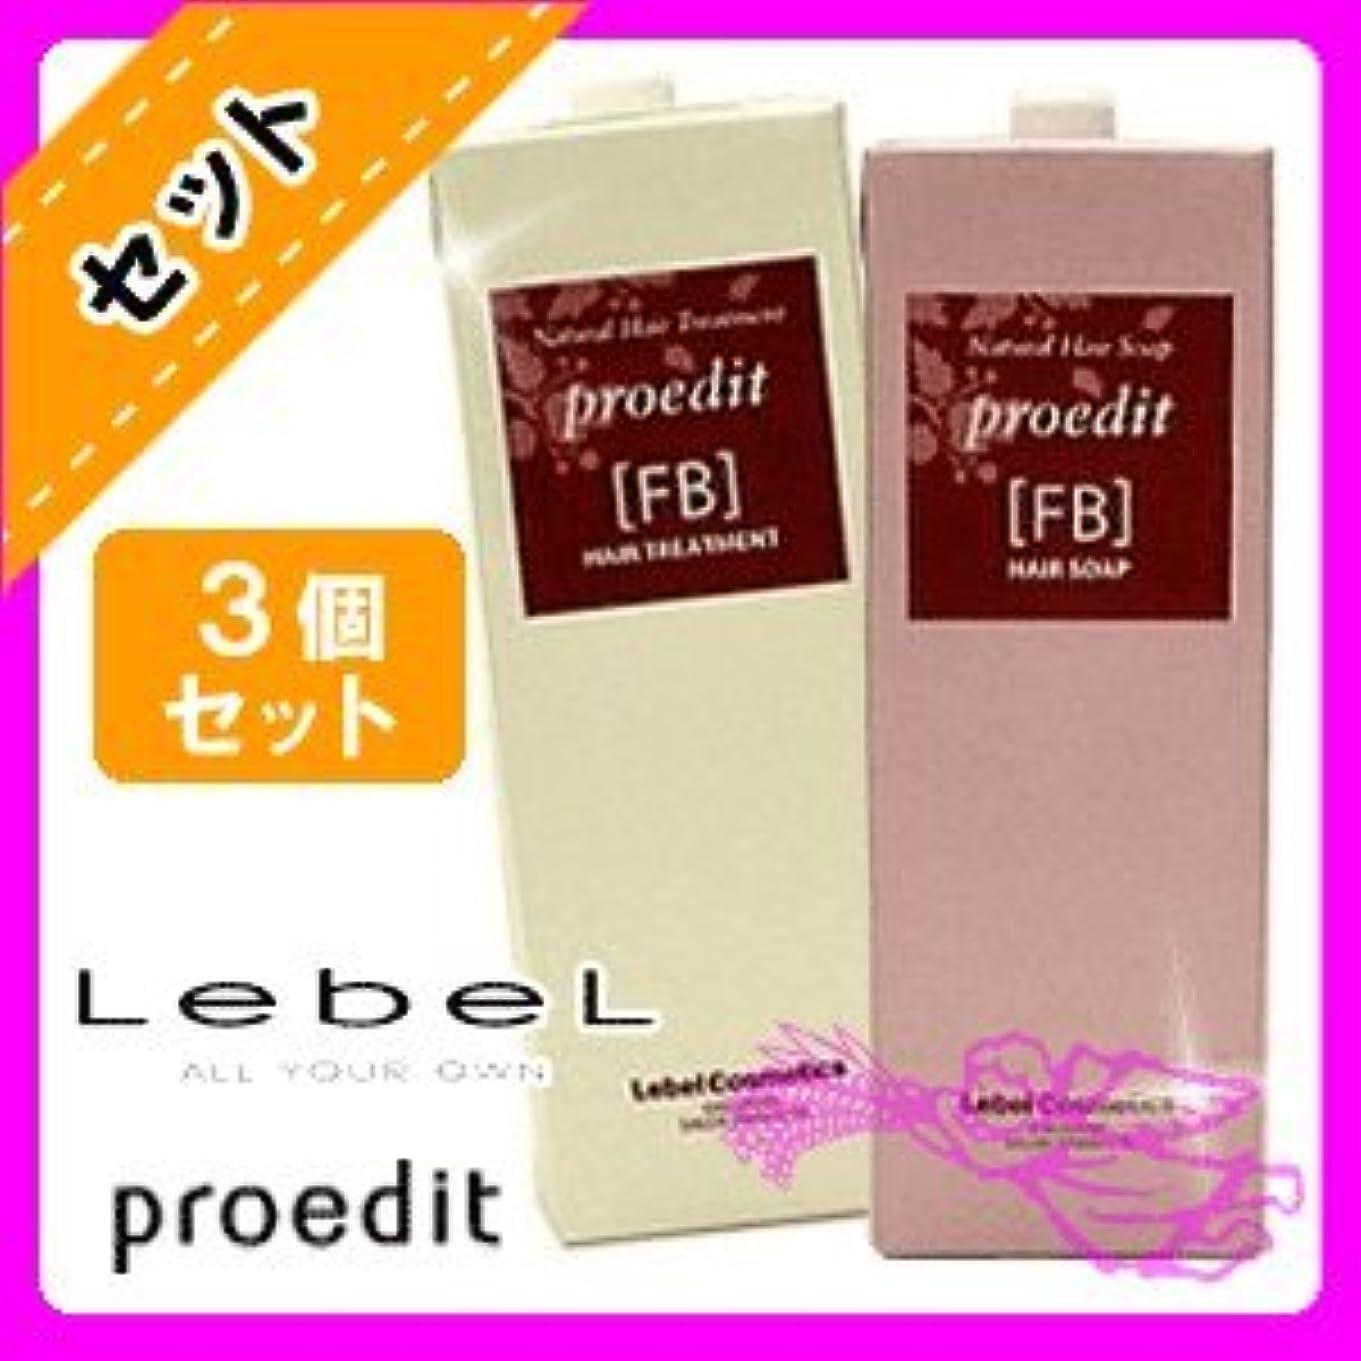 石灰岩透けるに対処するルベル プロエディット シャンプーFB 1600mL ×3個 セット & トリートメントFB 1600mL ×3個 セット セット 業務用 詰め替え用 LebeL proedit